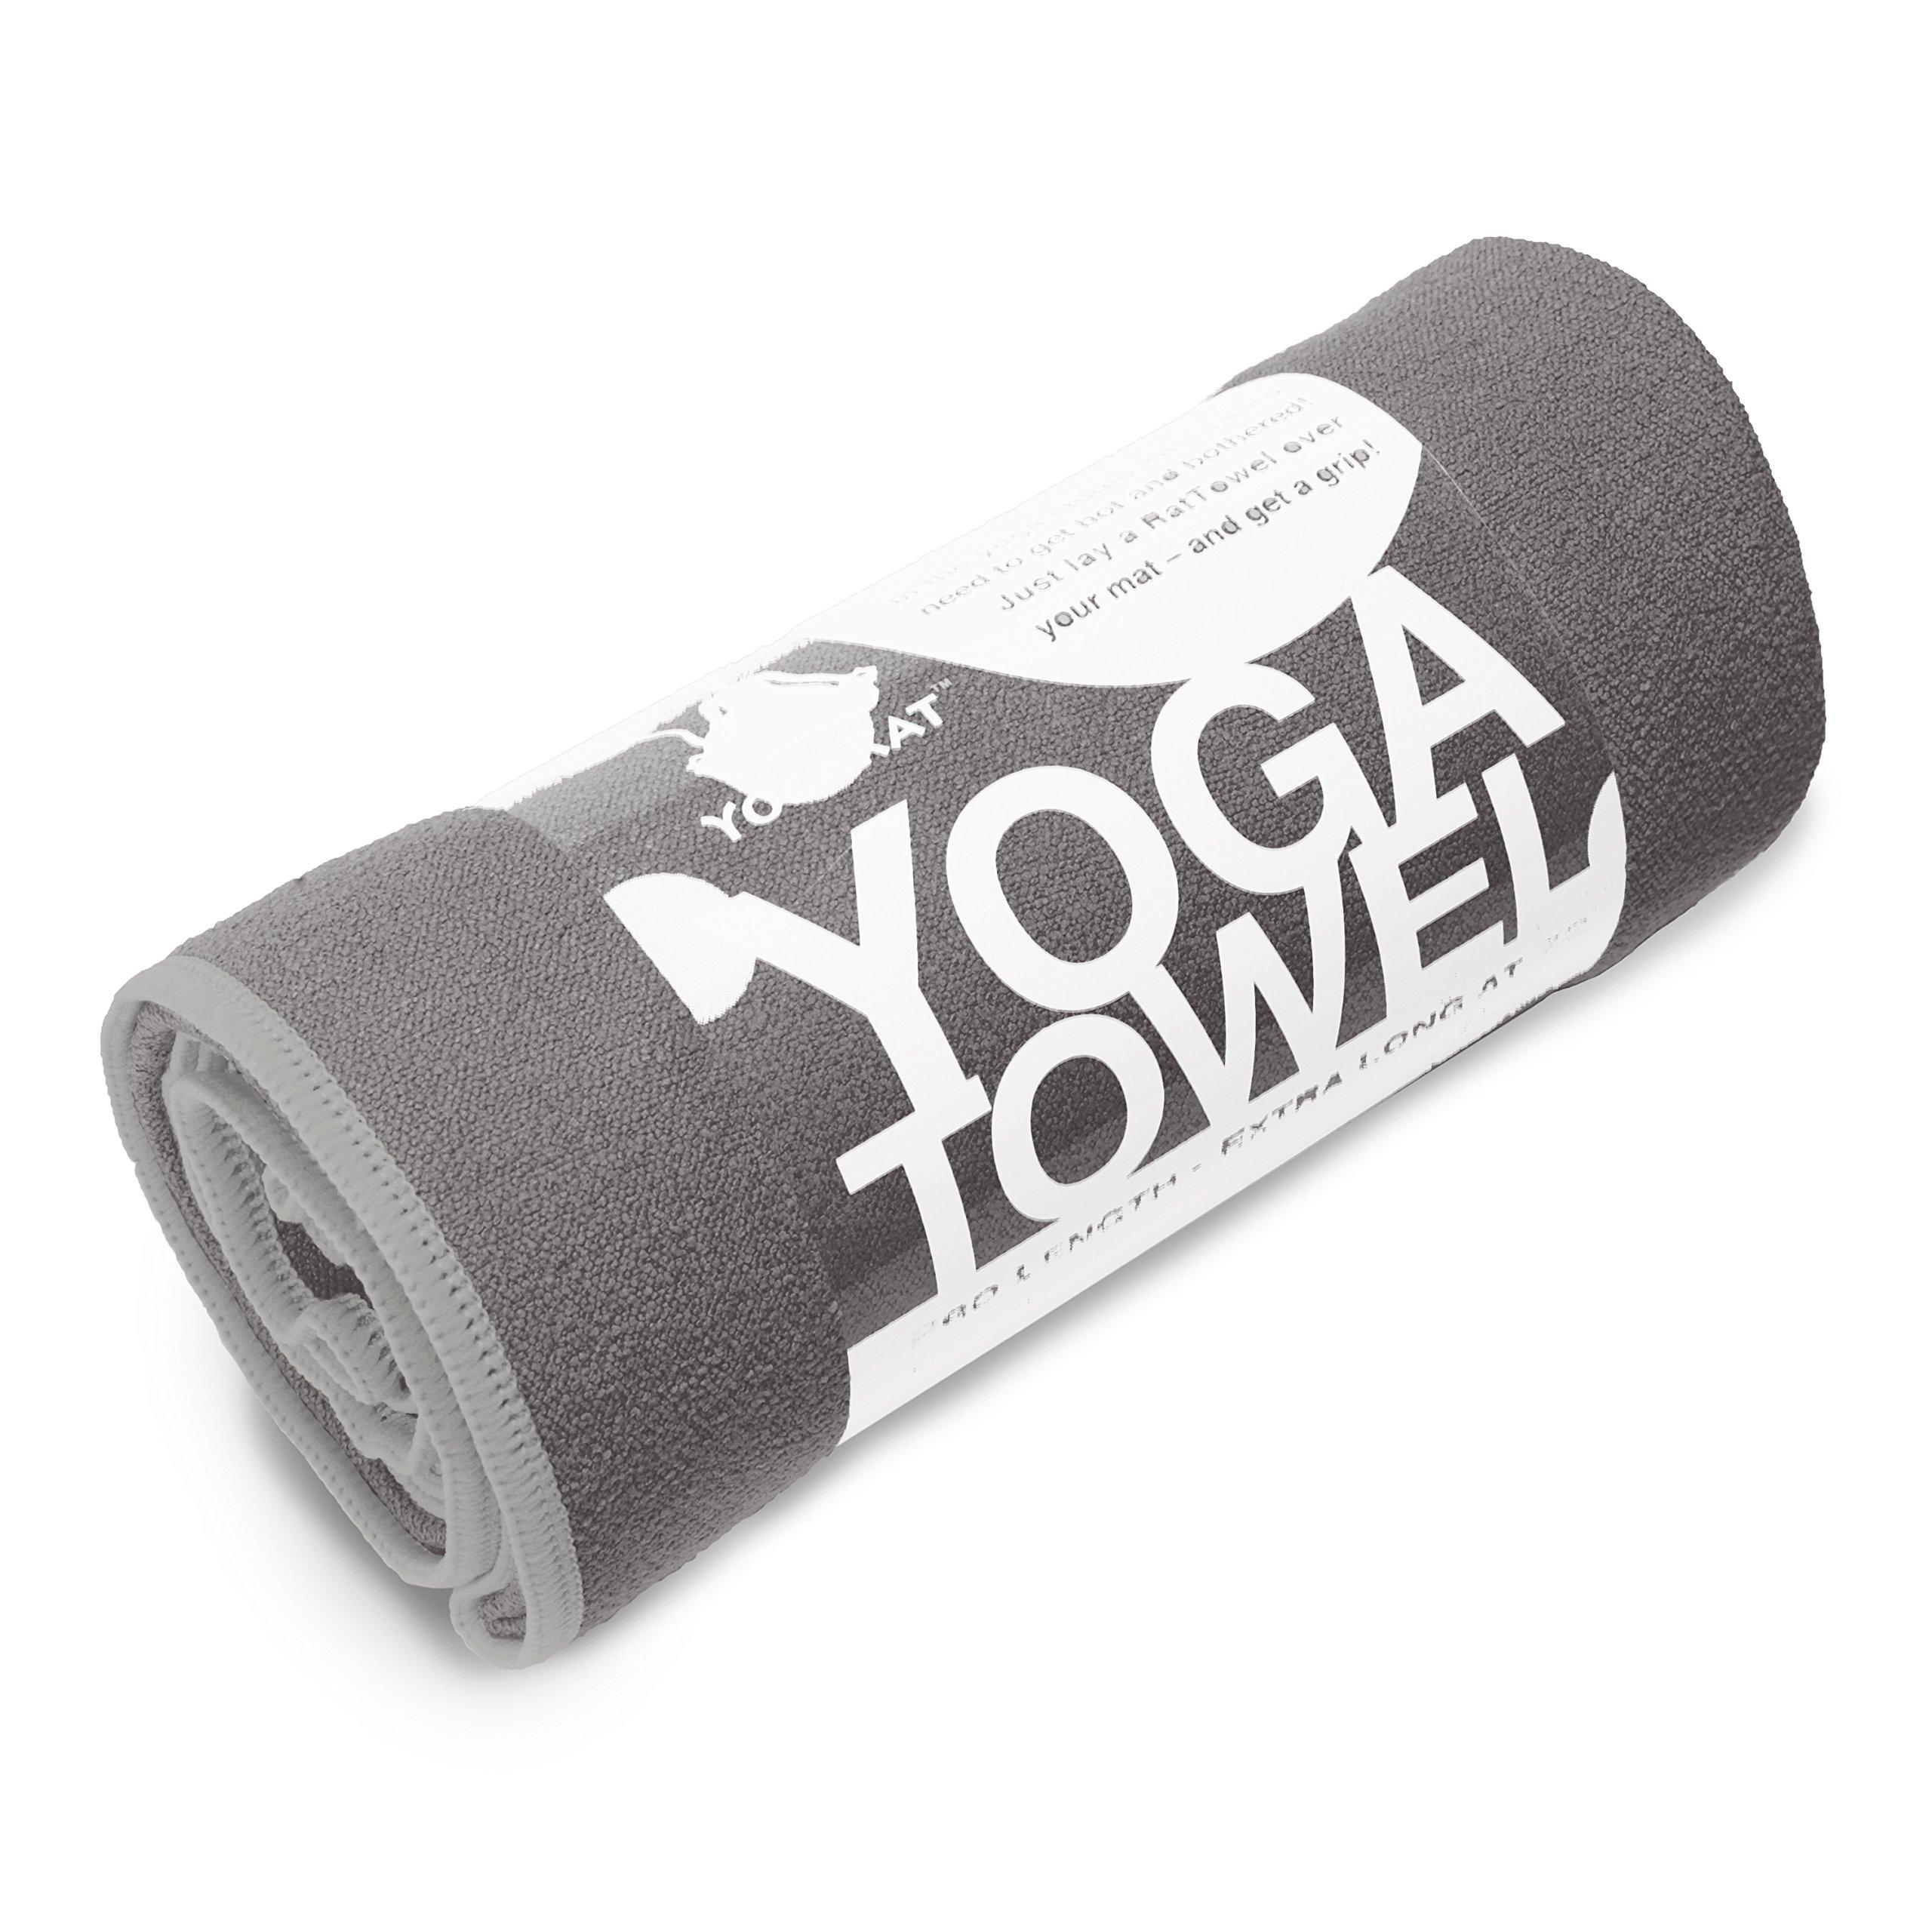 mats towel mat yoga pin towels cloudbreak inspired nature by yogitoes